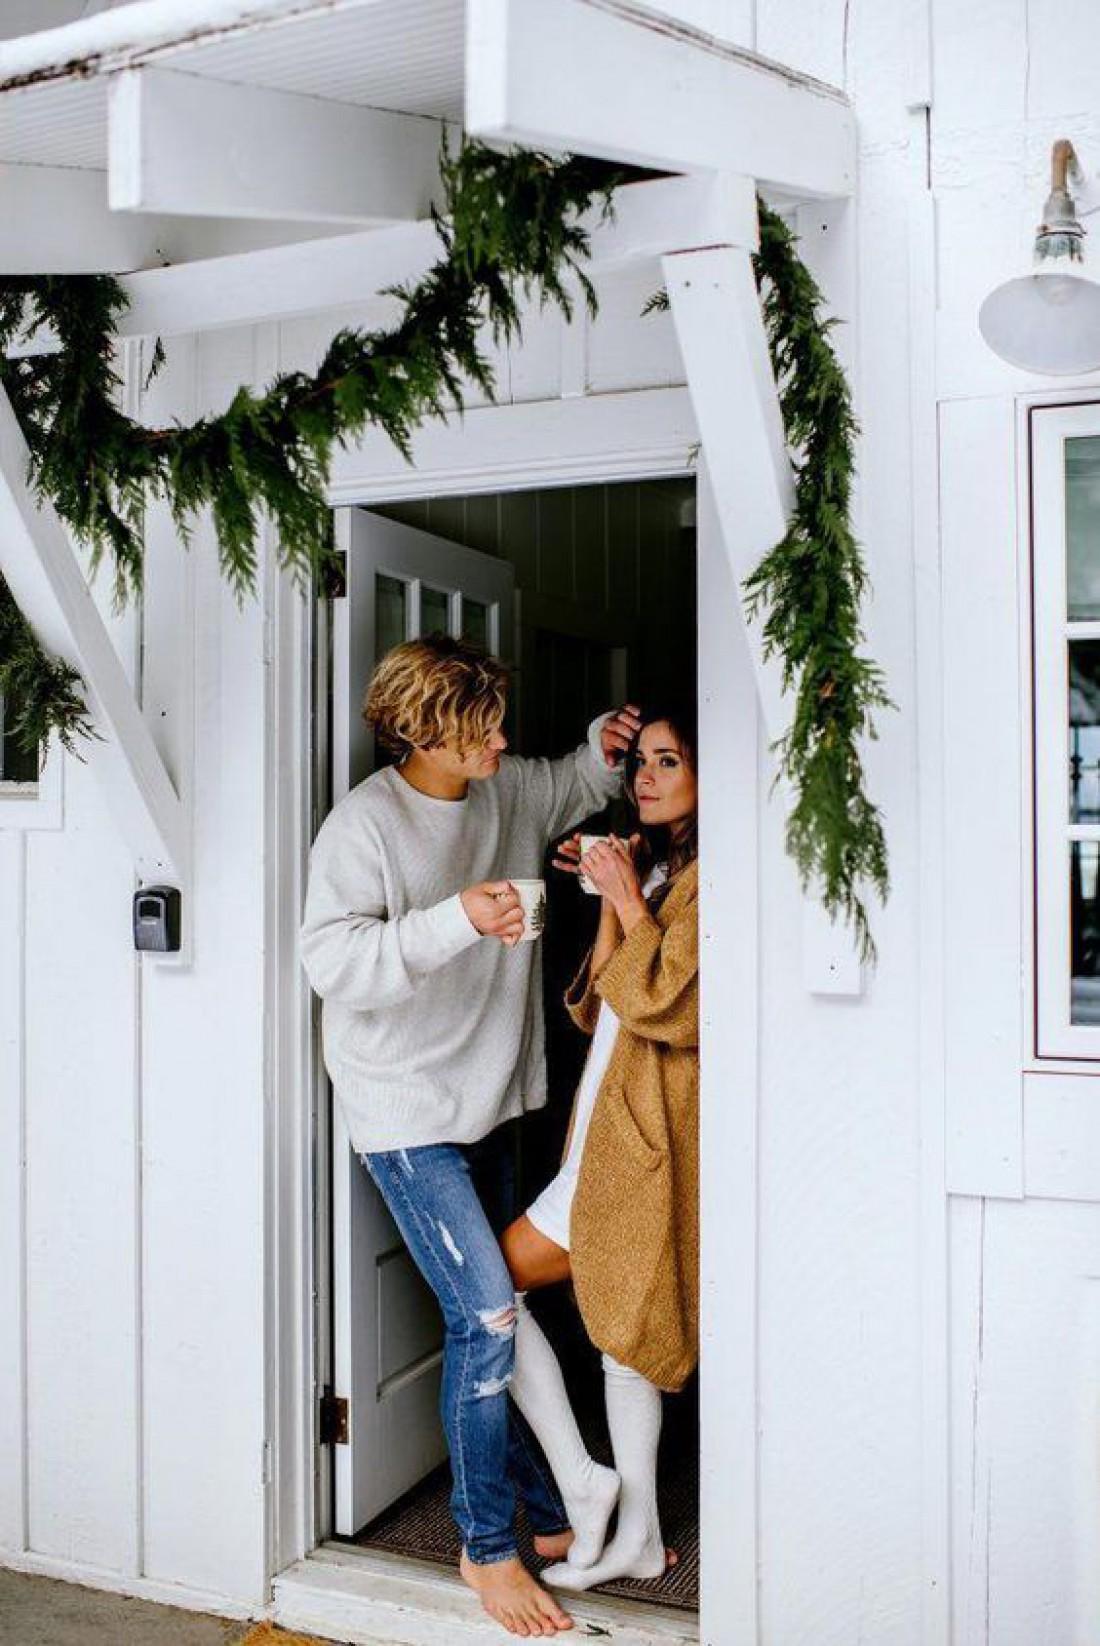 Счастливая семейная жизнь: 7 главных установок